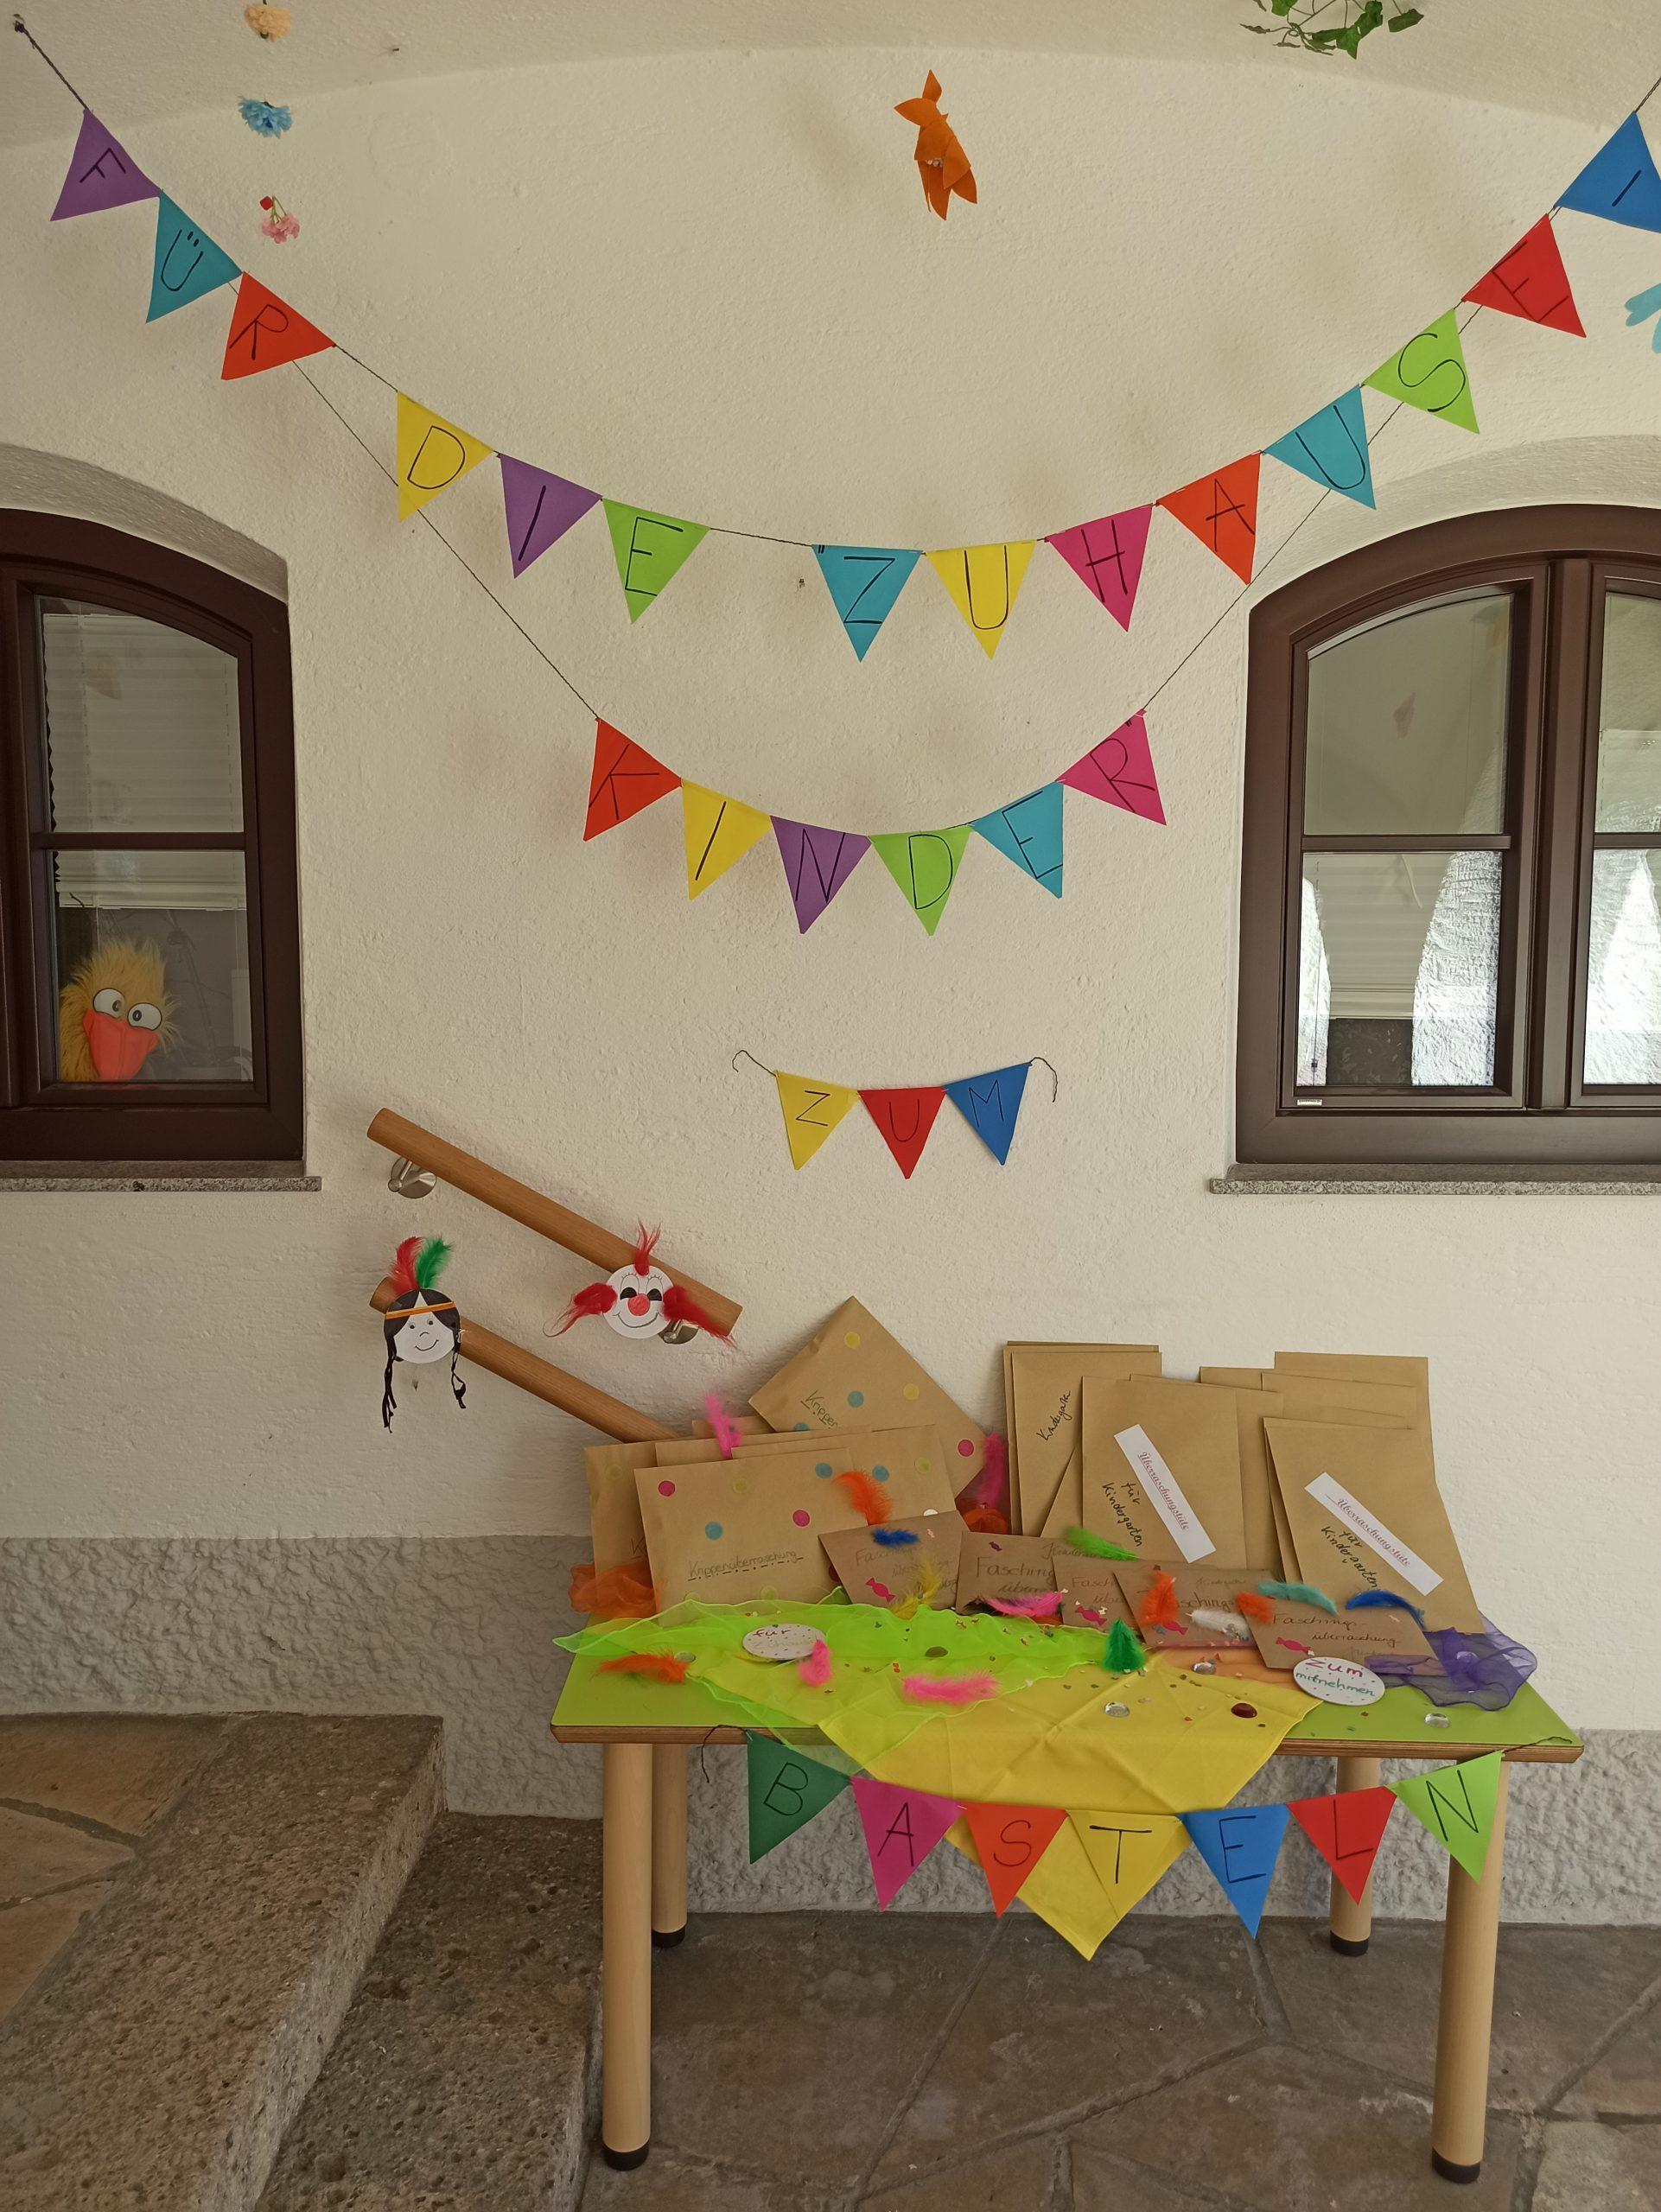 Überraschungstüten für die daheimgebliebenen Kinder HfK Haidholzen